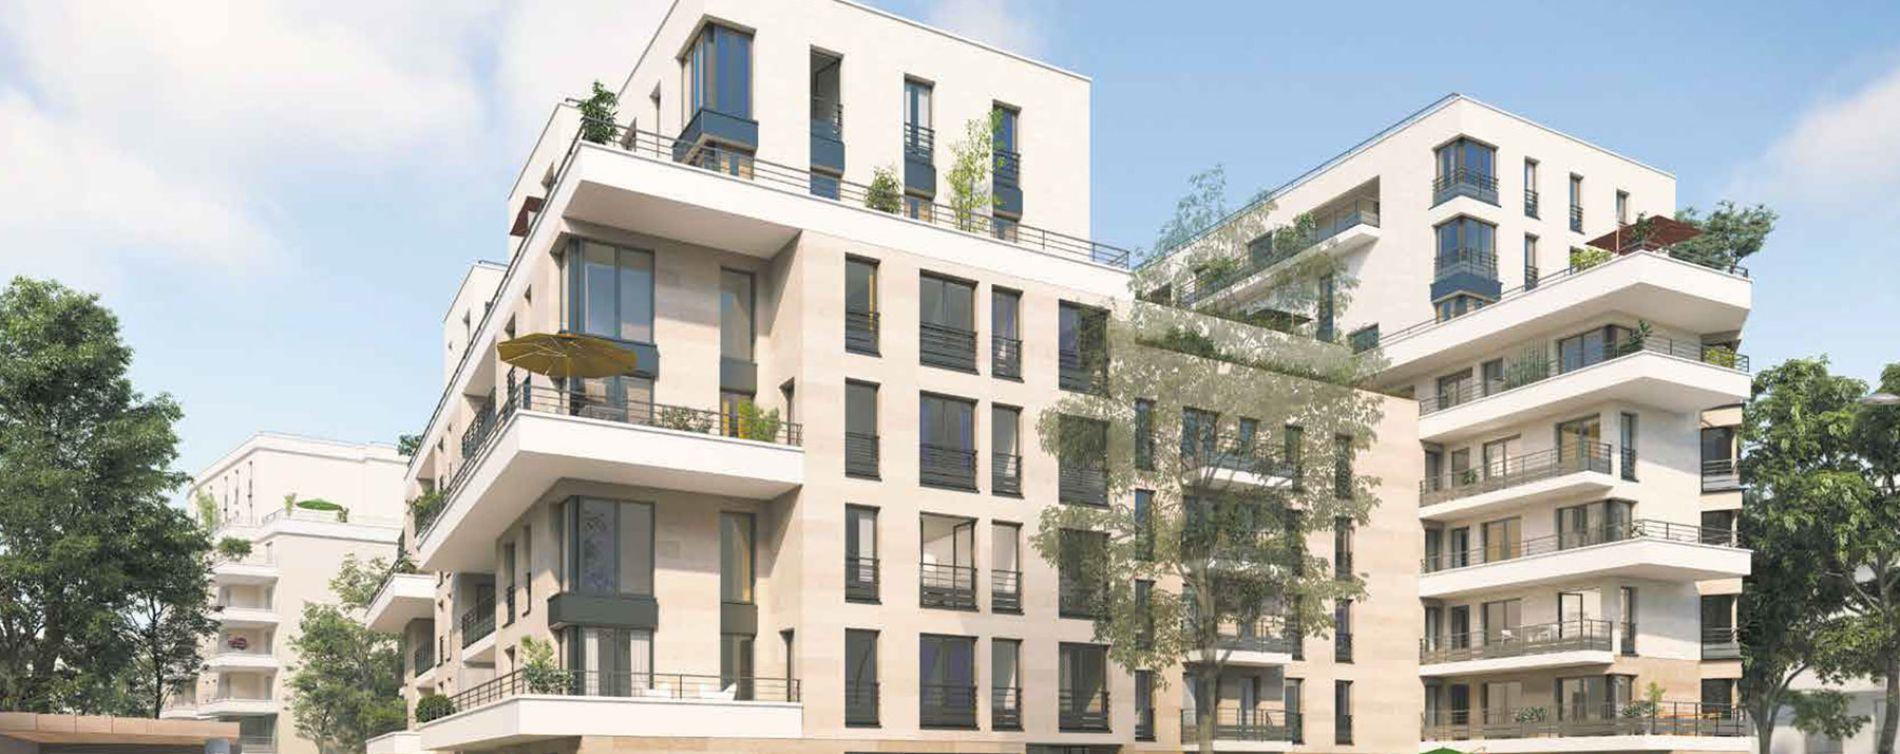 Clichy programme immobilier neuve « Square des Bateliers »  (2)